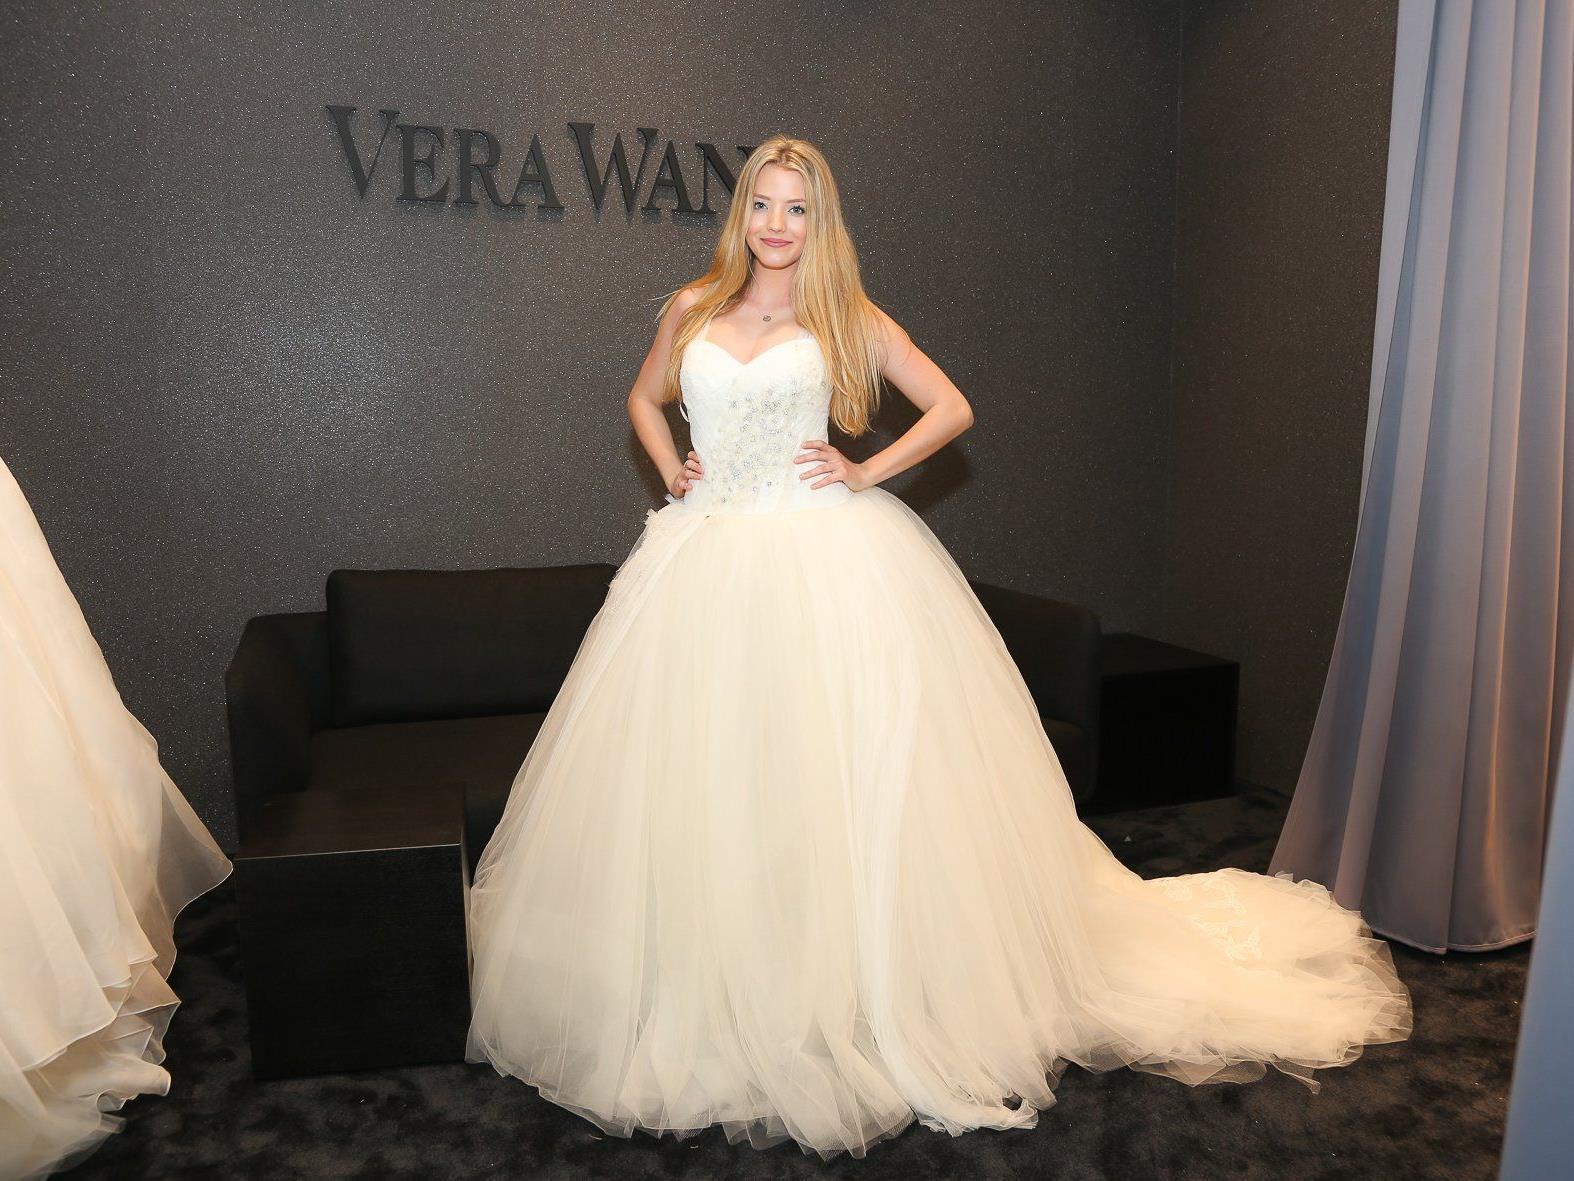 Vera Wang Hochzeitskleider nun auch in Wien - Vienna Online